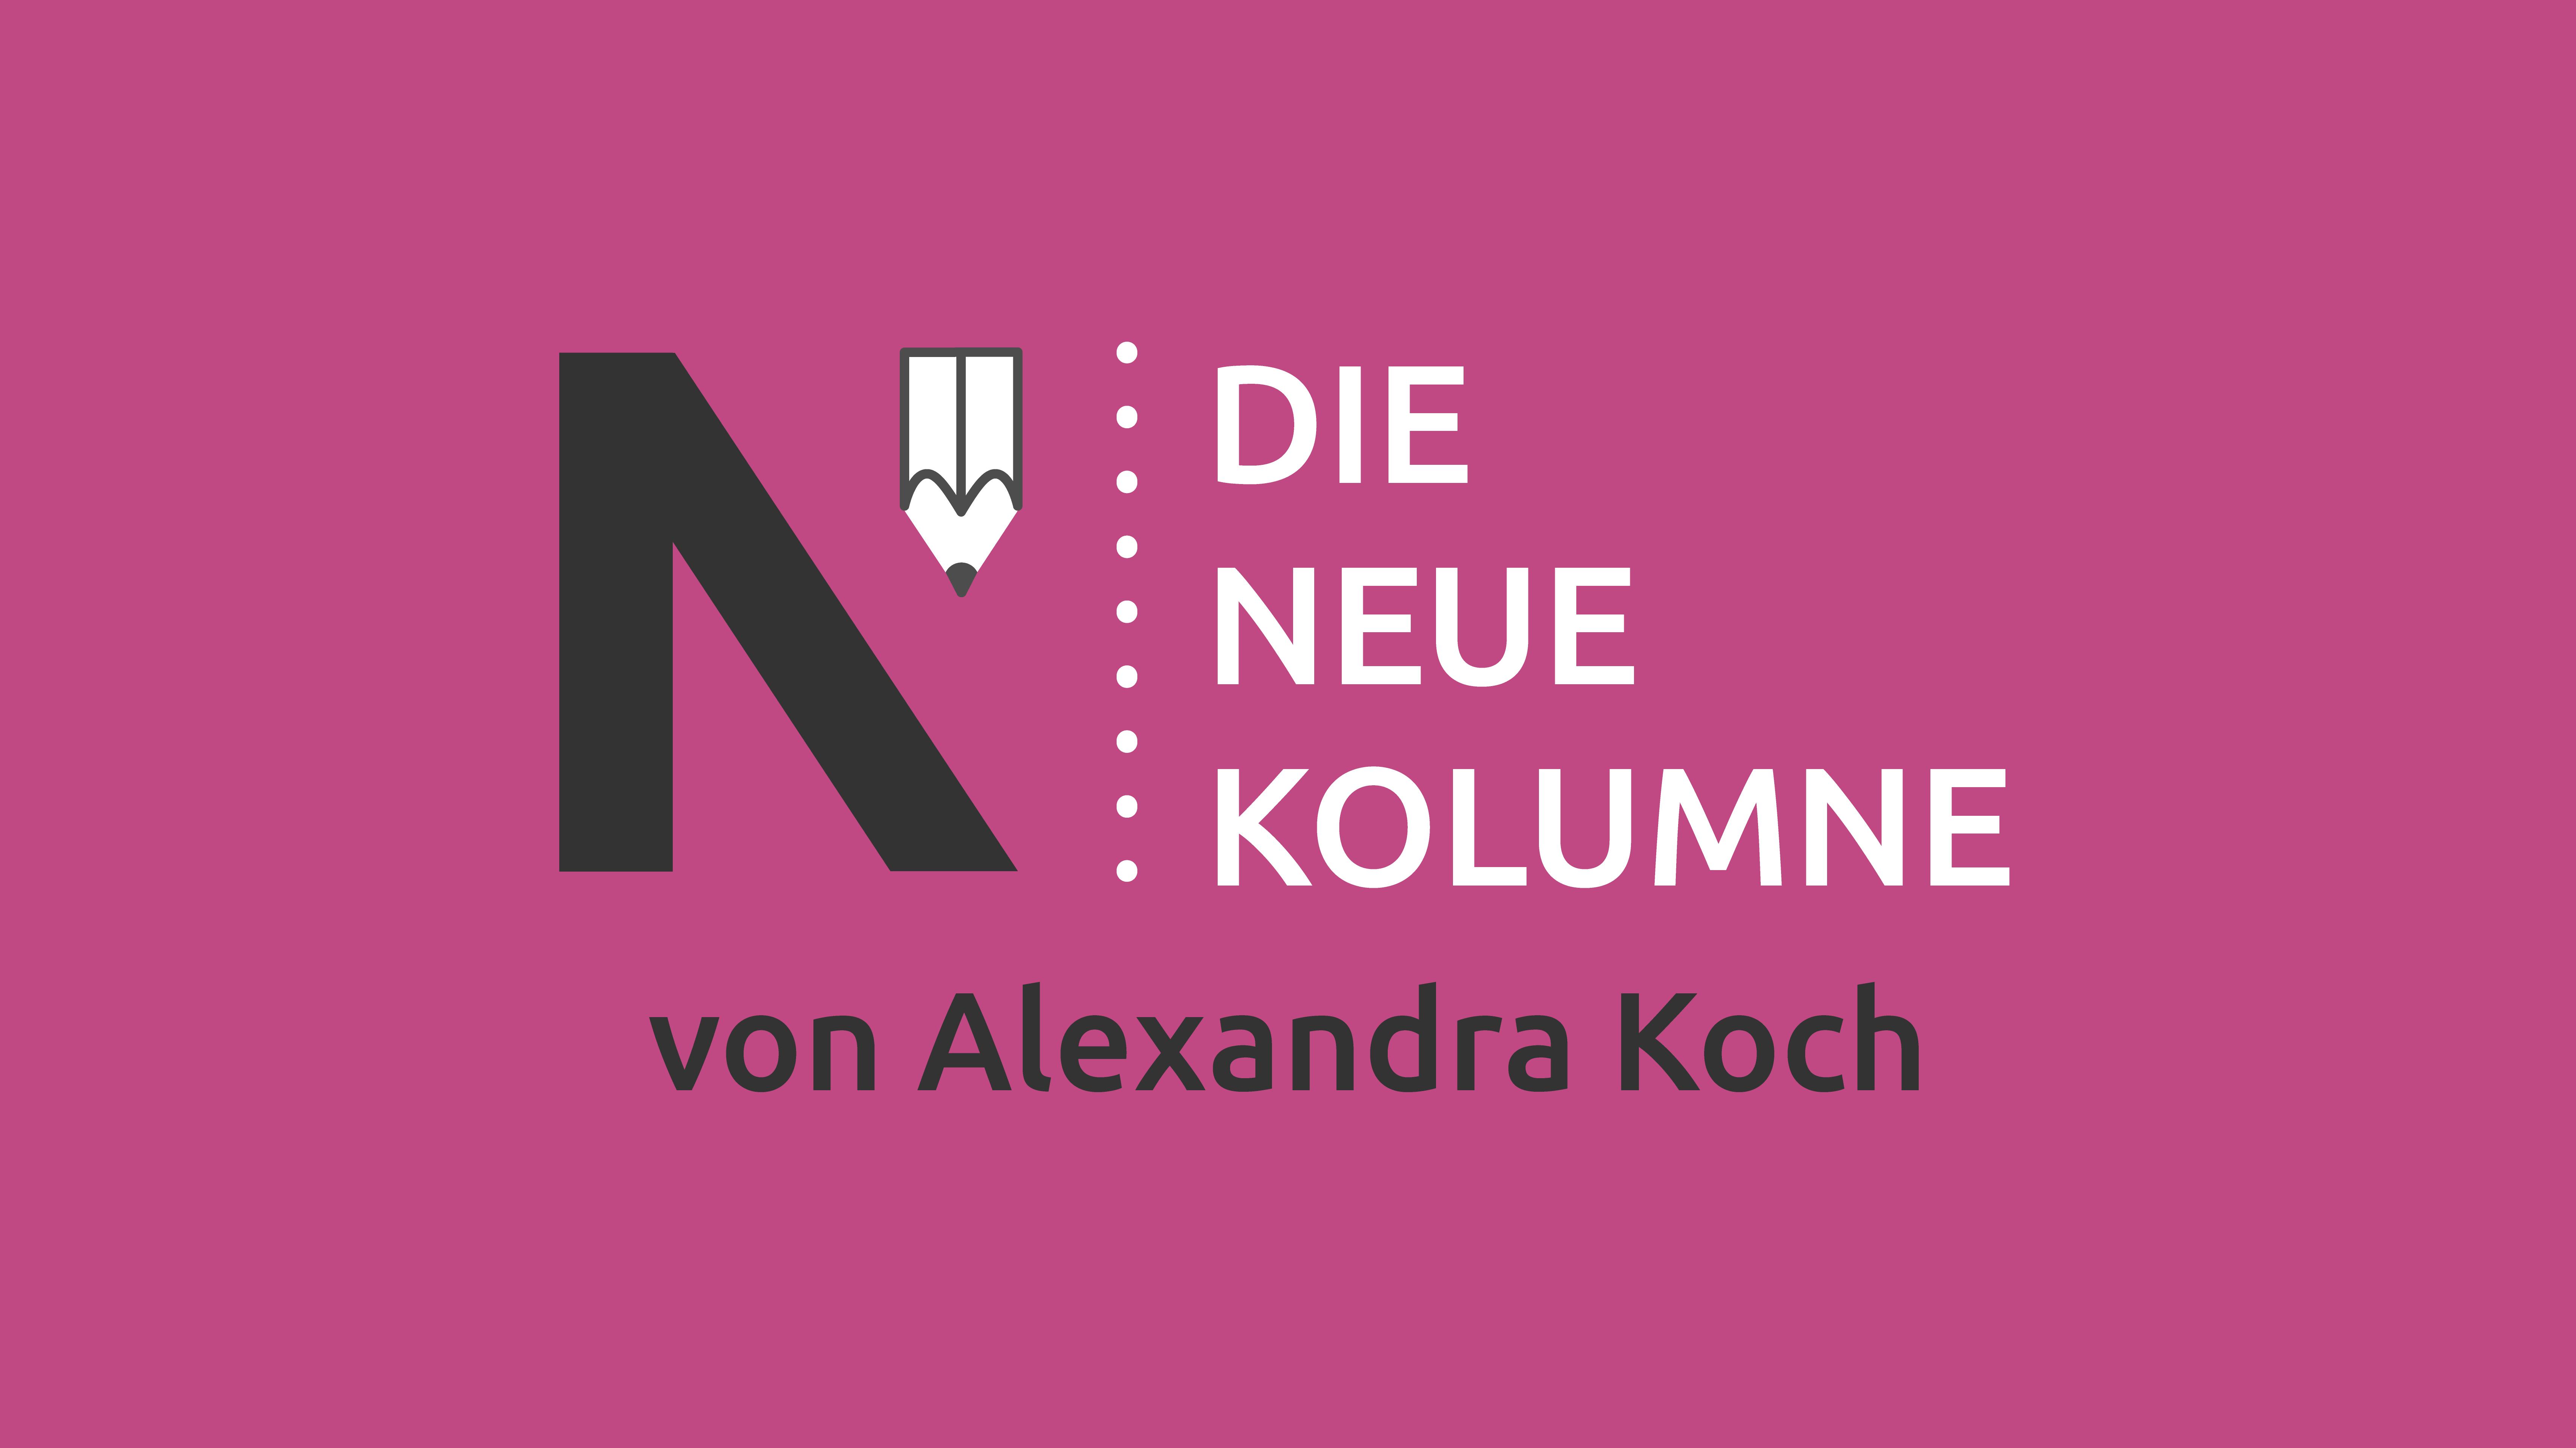 Das Logo von Die Neue Norm auf pinkem Grund. Rechts davon steht: die Neue Kolumne. Unten steht: von Alexandra Koch.